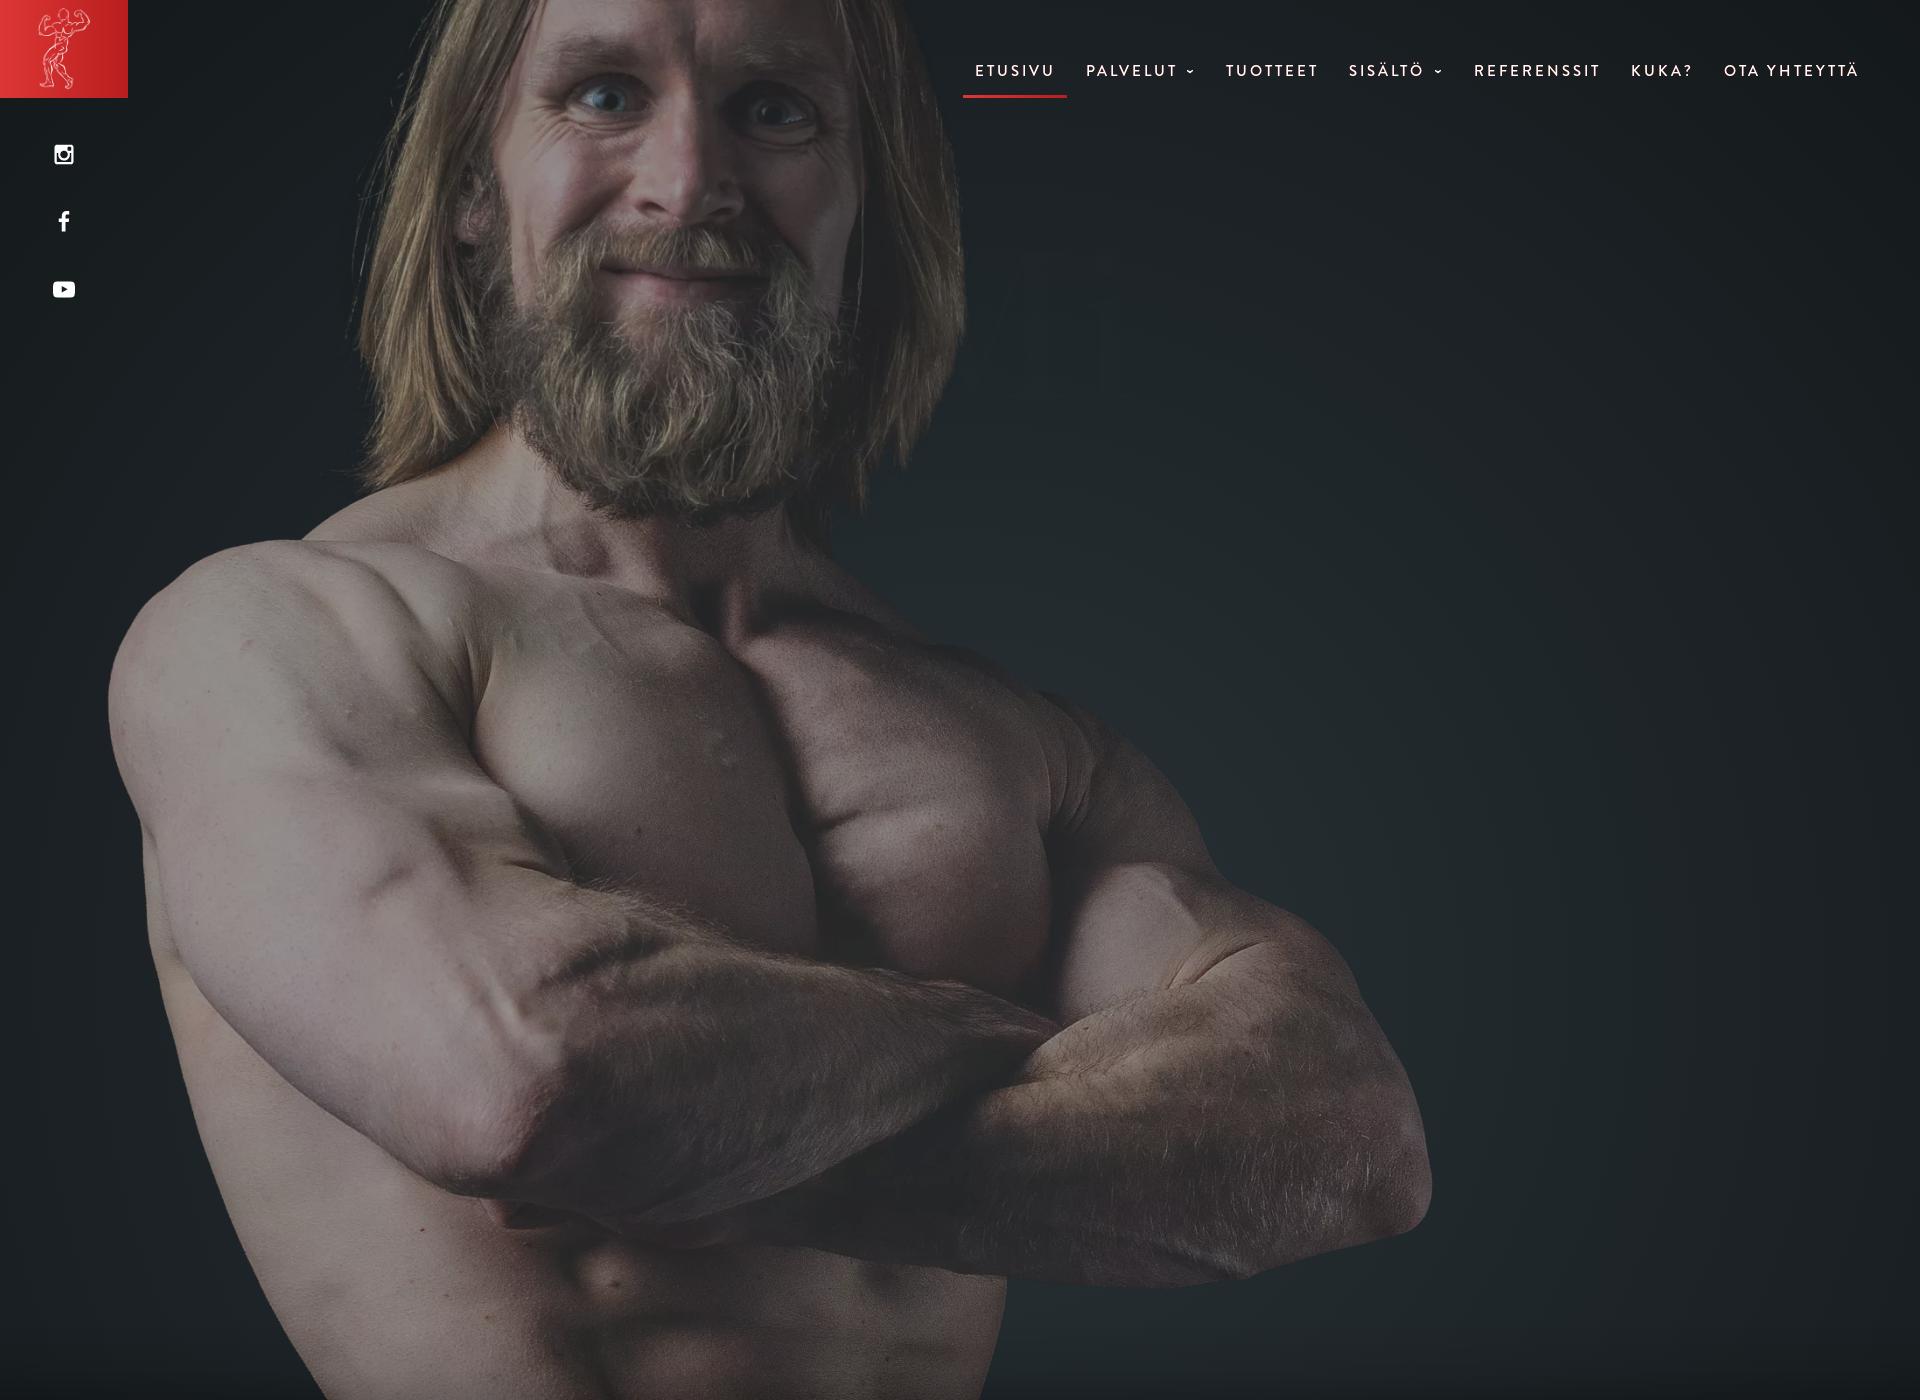 Screenshot for mikkoellmen.fi